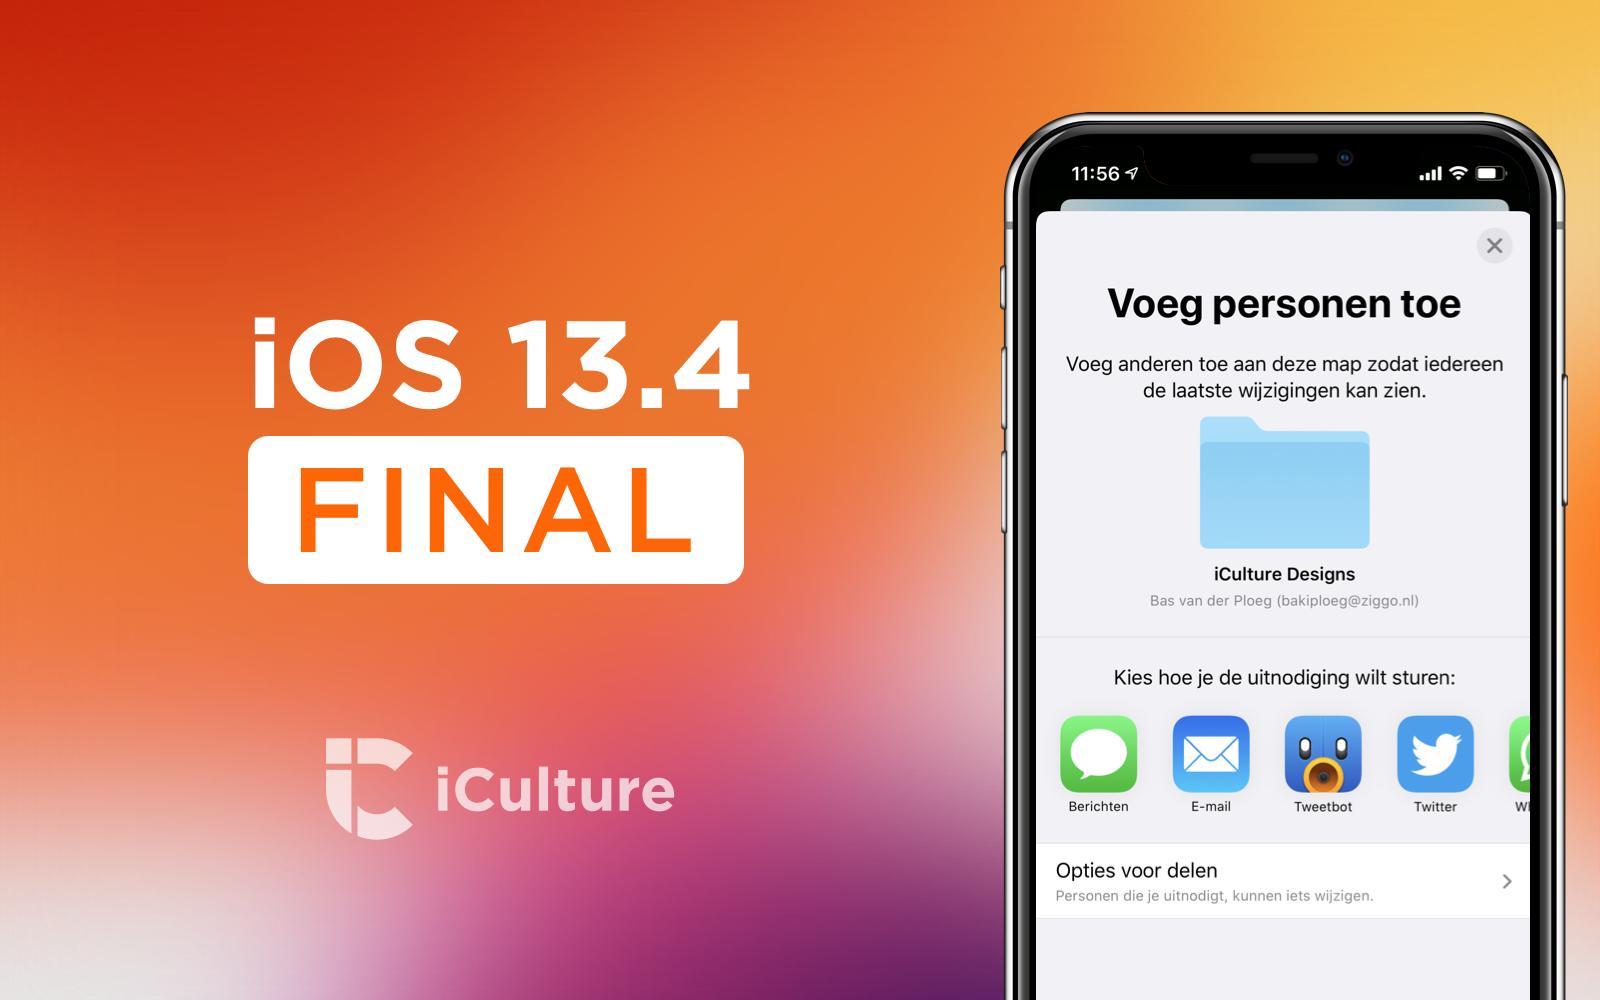 iOS 13.4 final.